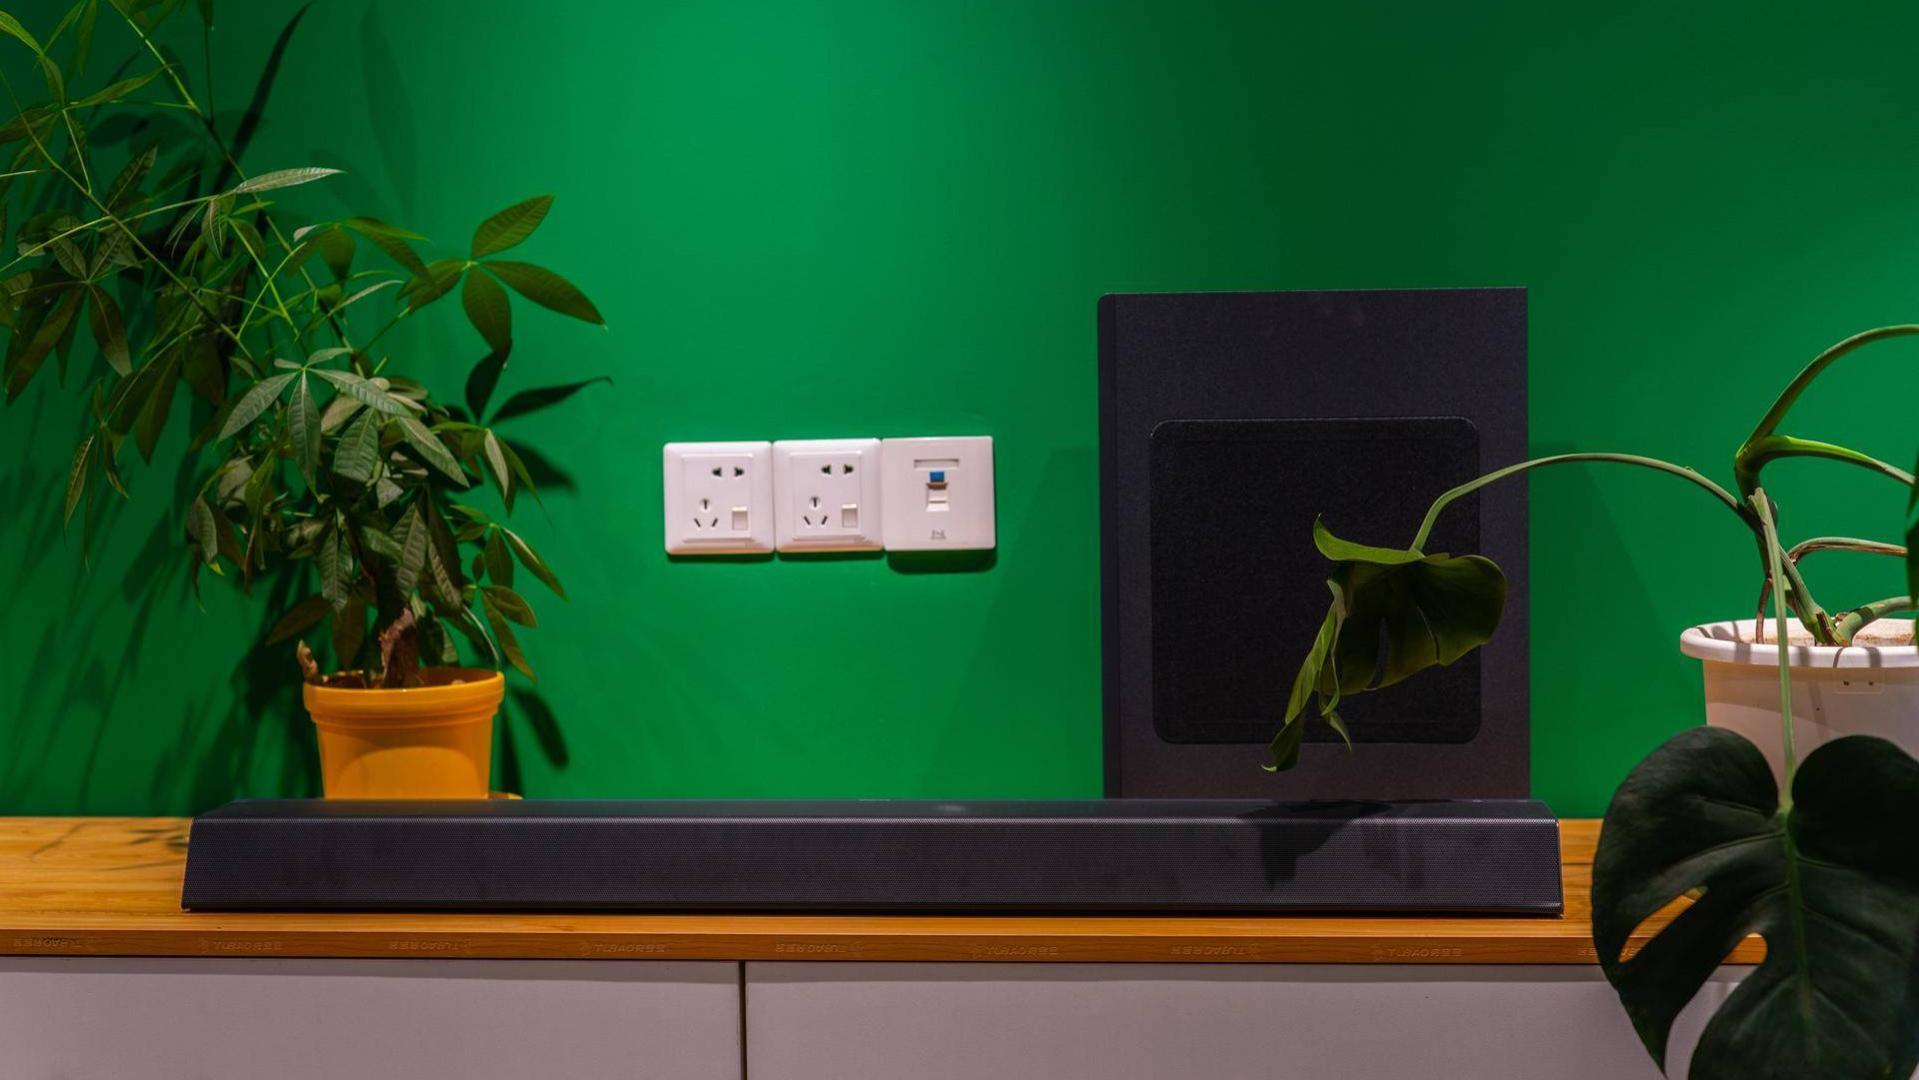 快乐如此简单— 飞利浦B8405回音壁家庭影院开箱评测